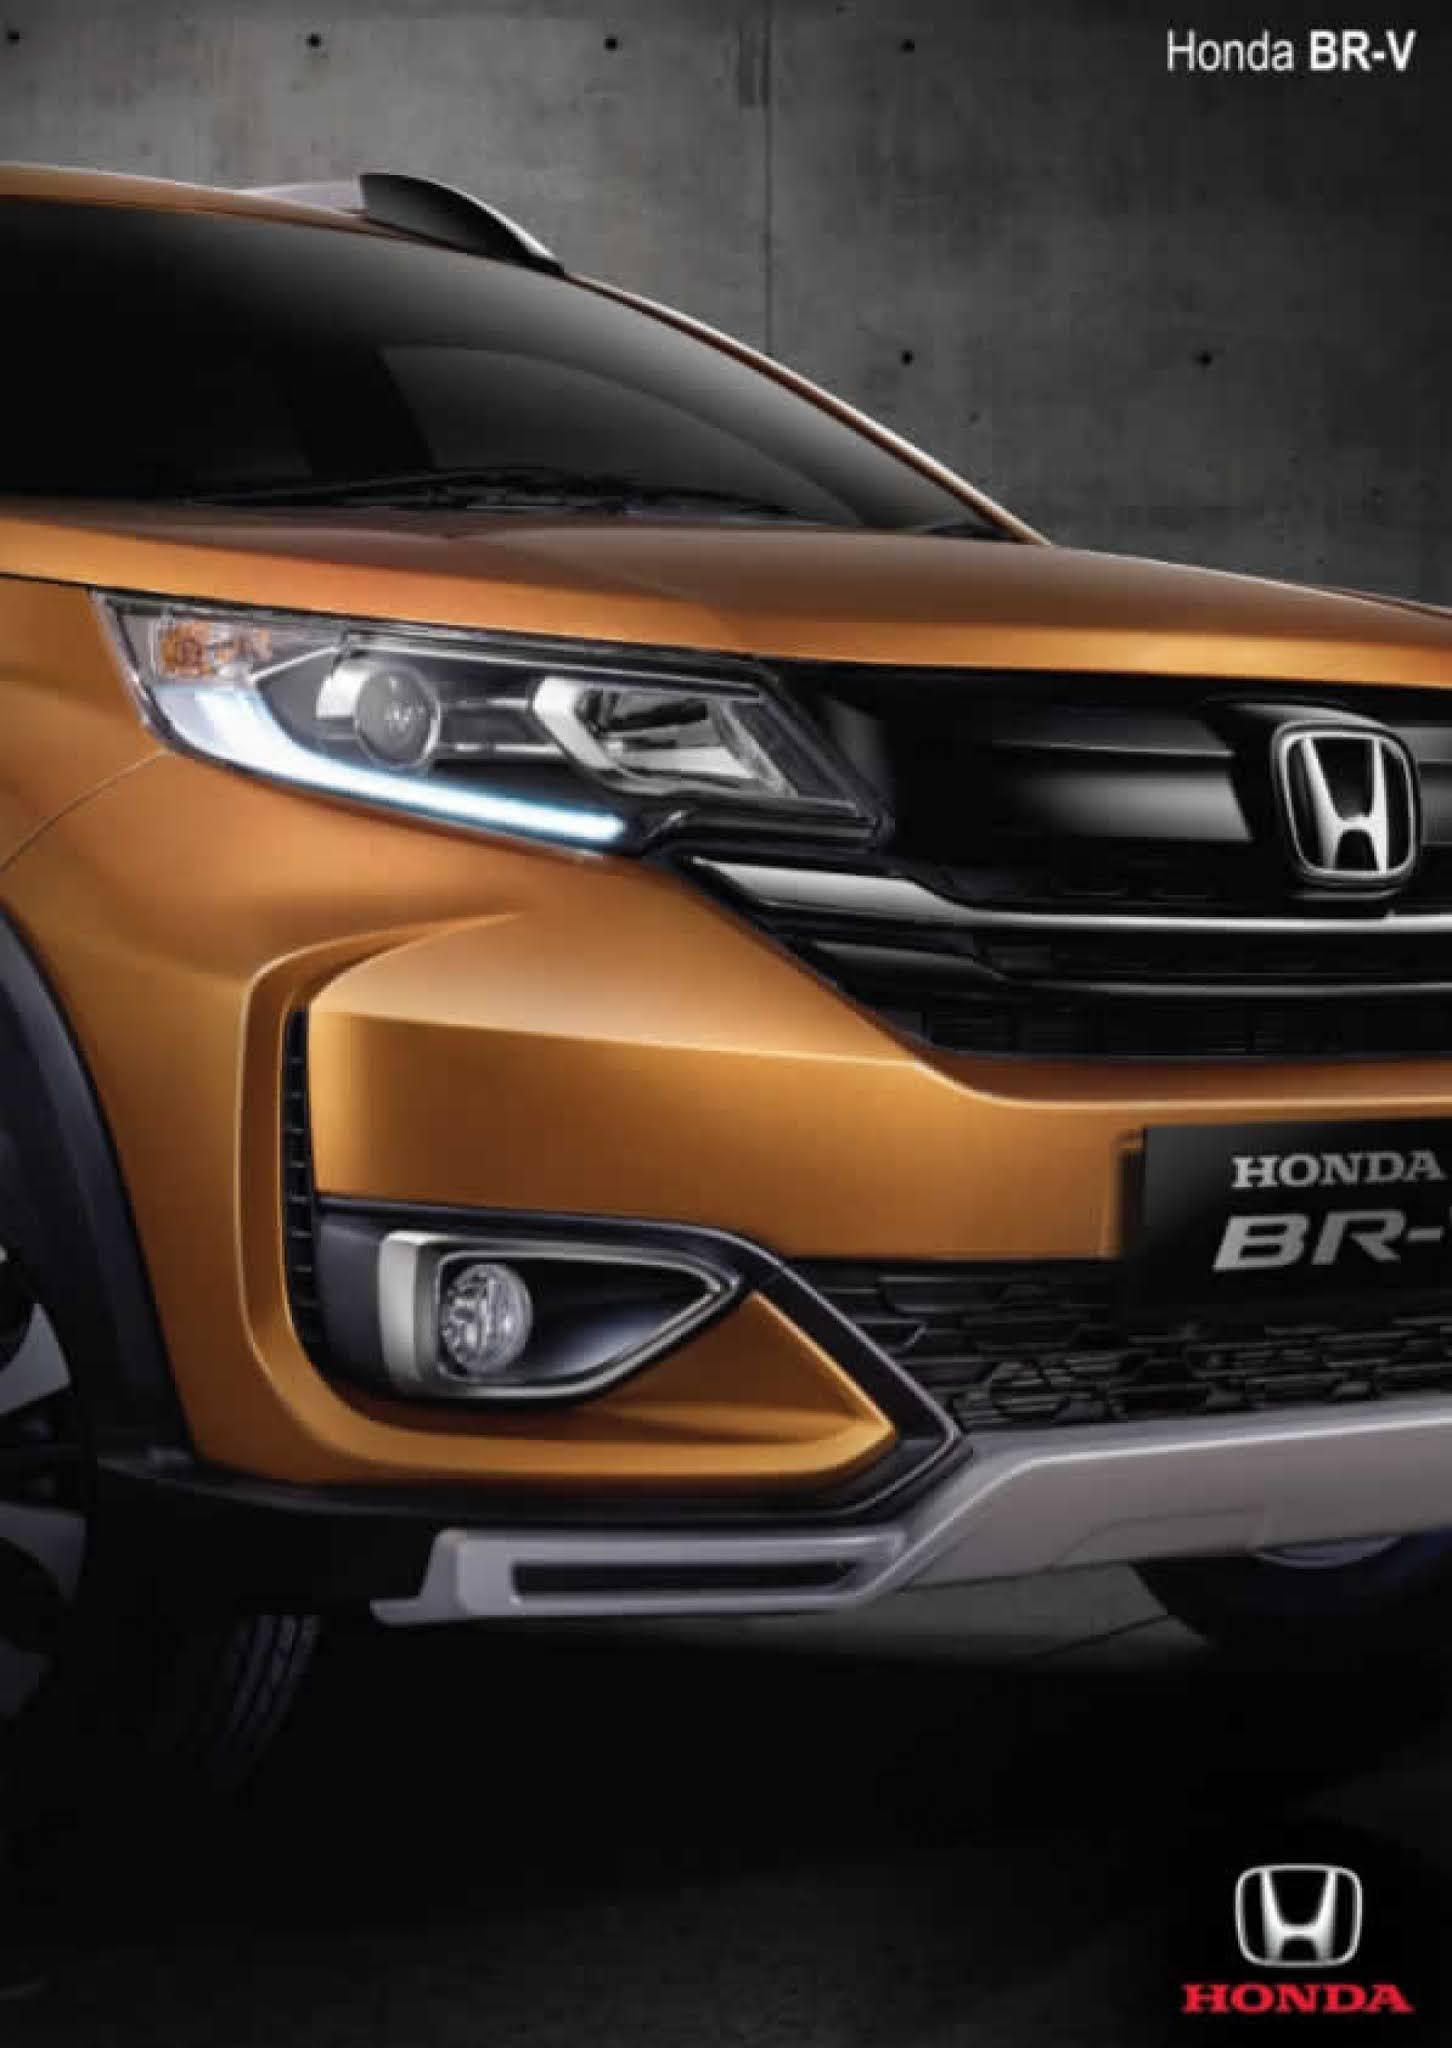 Harga Honda BRV Pekanbaru Riau Terbaru Bulan ini 2021